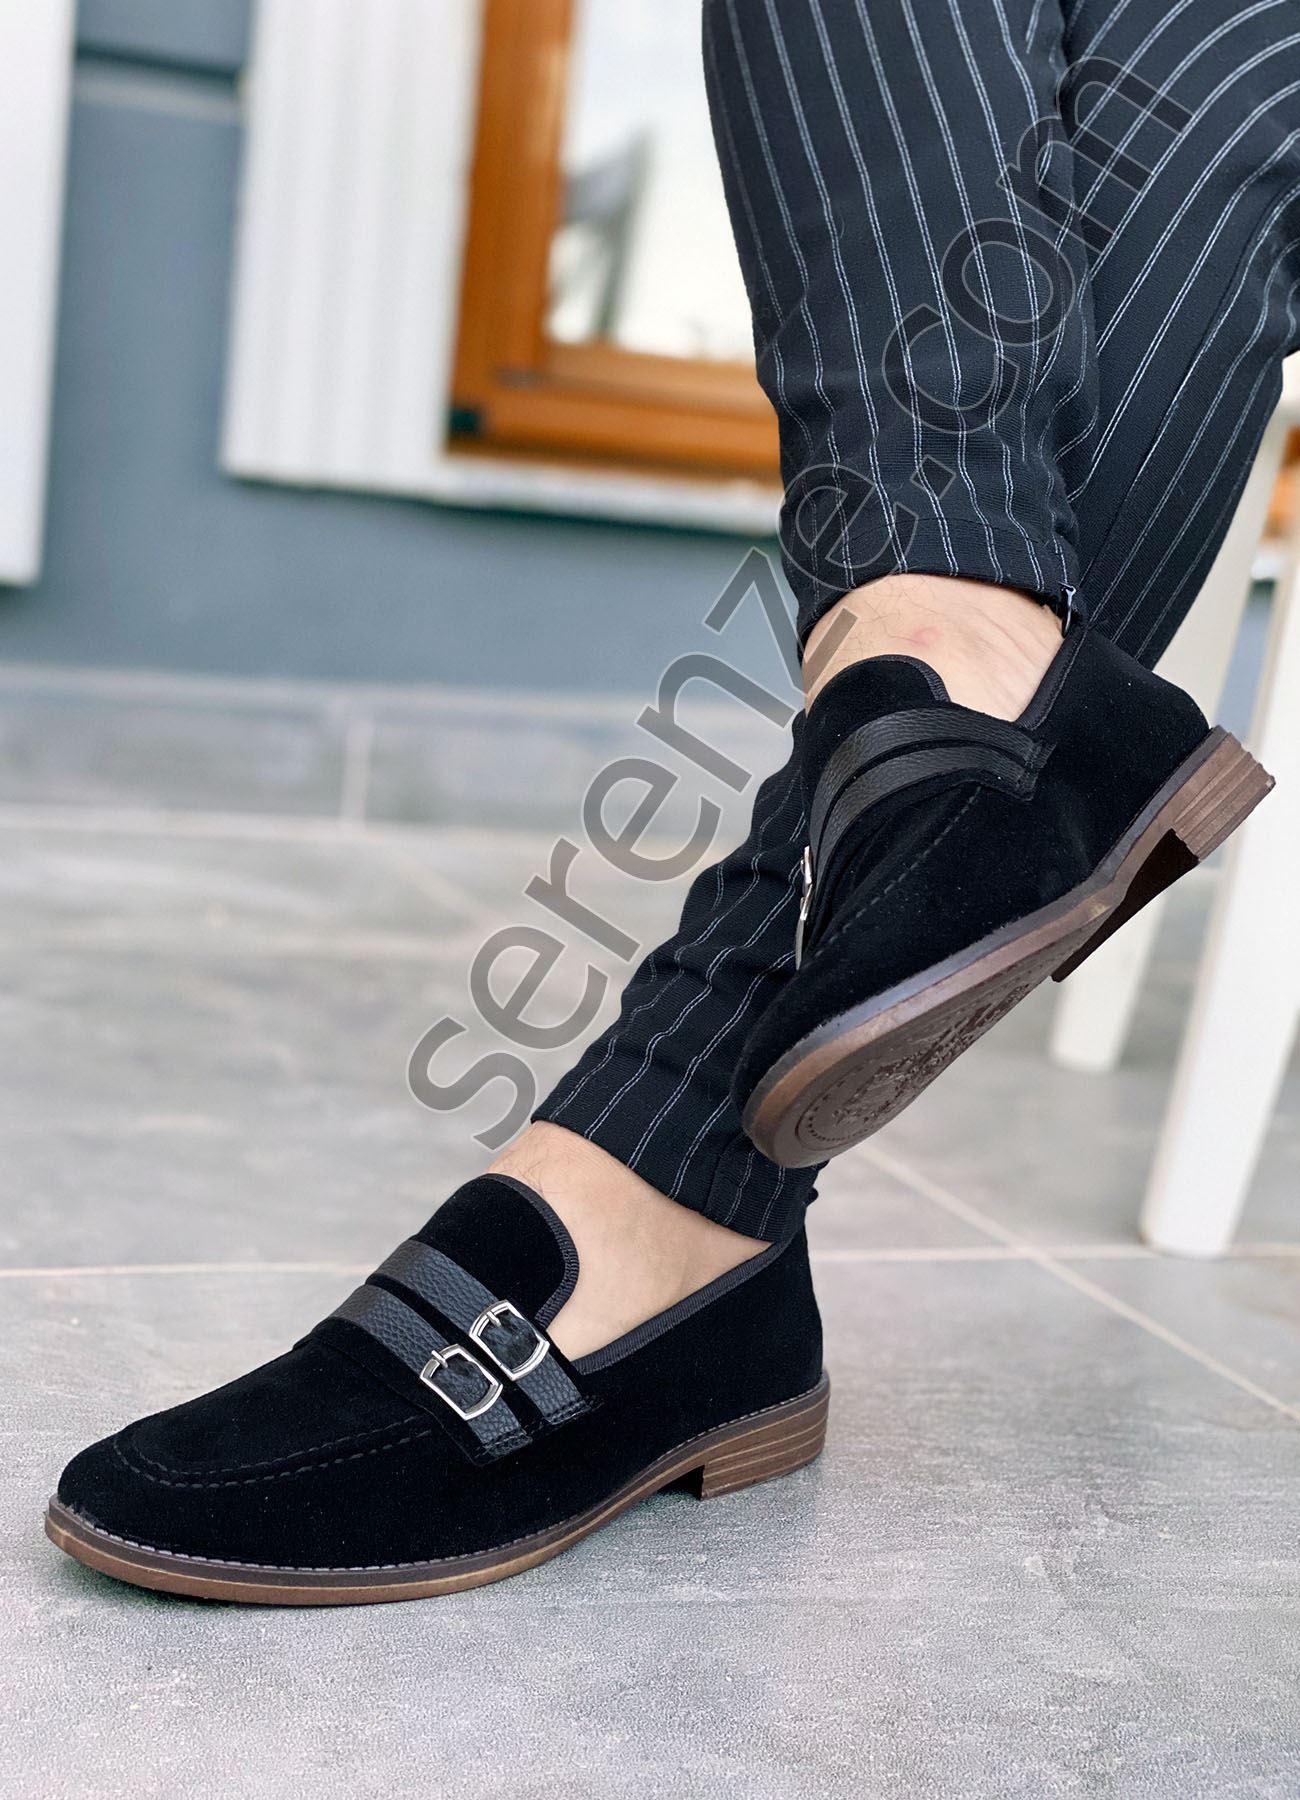 Siyah Süet Tokalı Ortopedik Erkek Klasik Ayakkabı